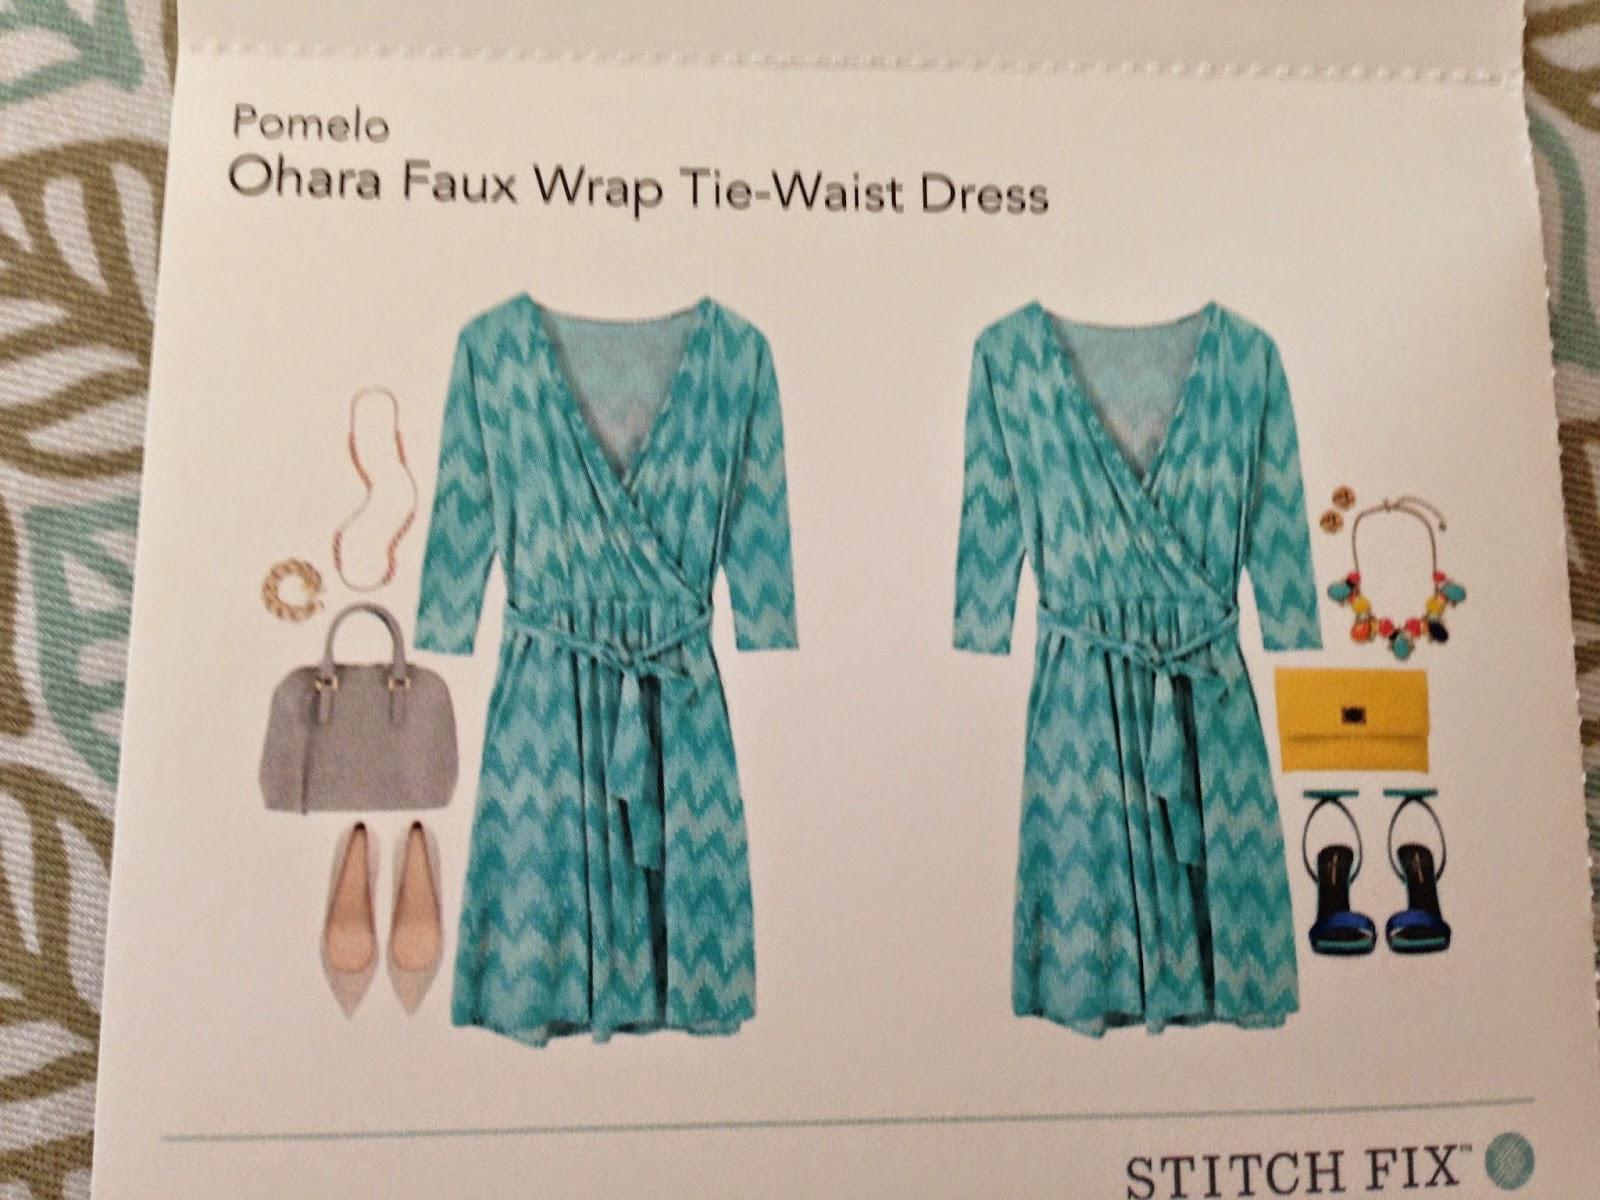 Stitchfix, Ohara Faux Wrap Tie Waist Dress